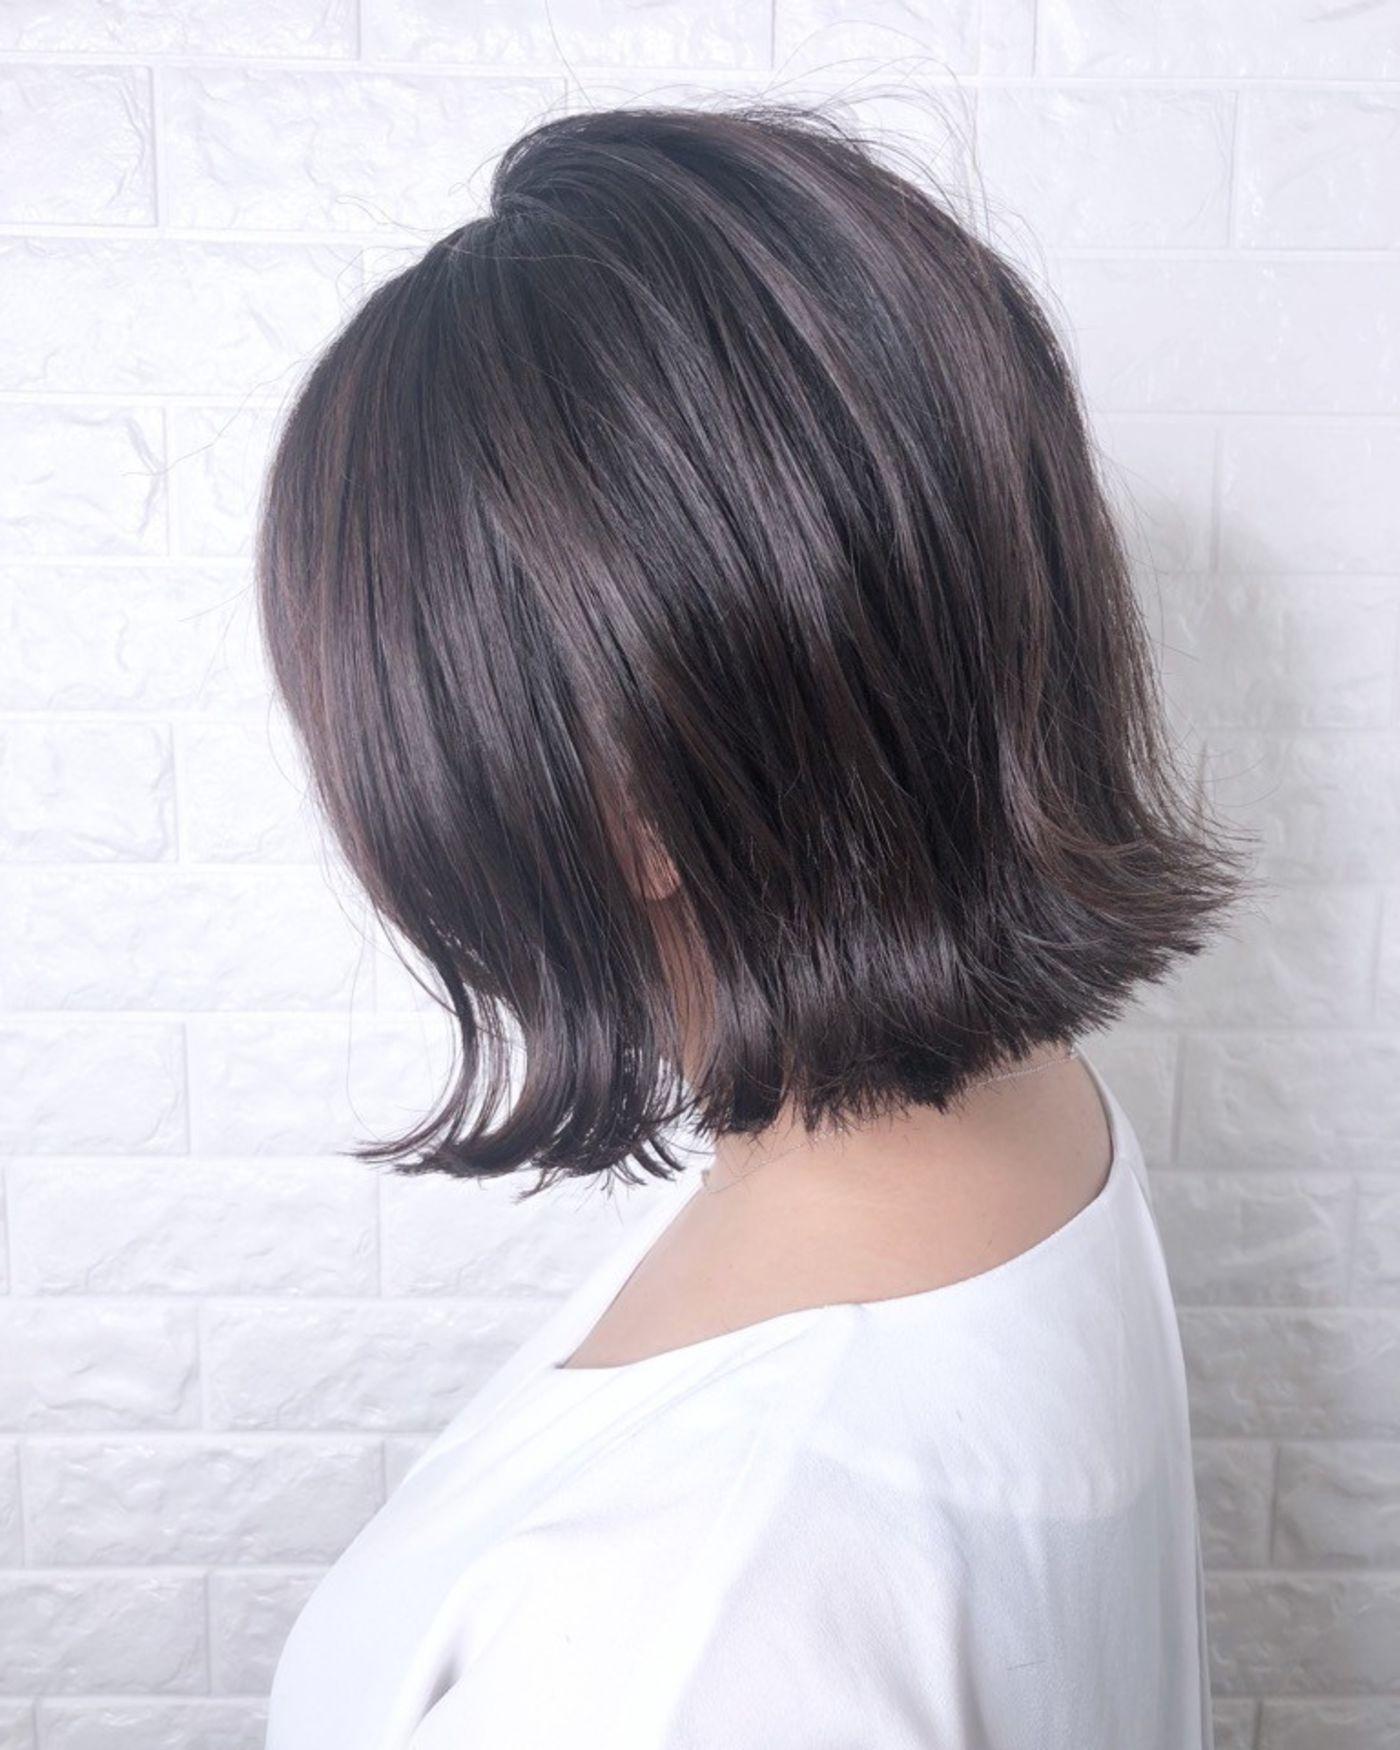 □トレンドヘア「切りっぱなしボブ」でオシャレ女子になろう☆